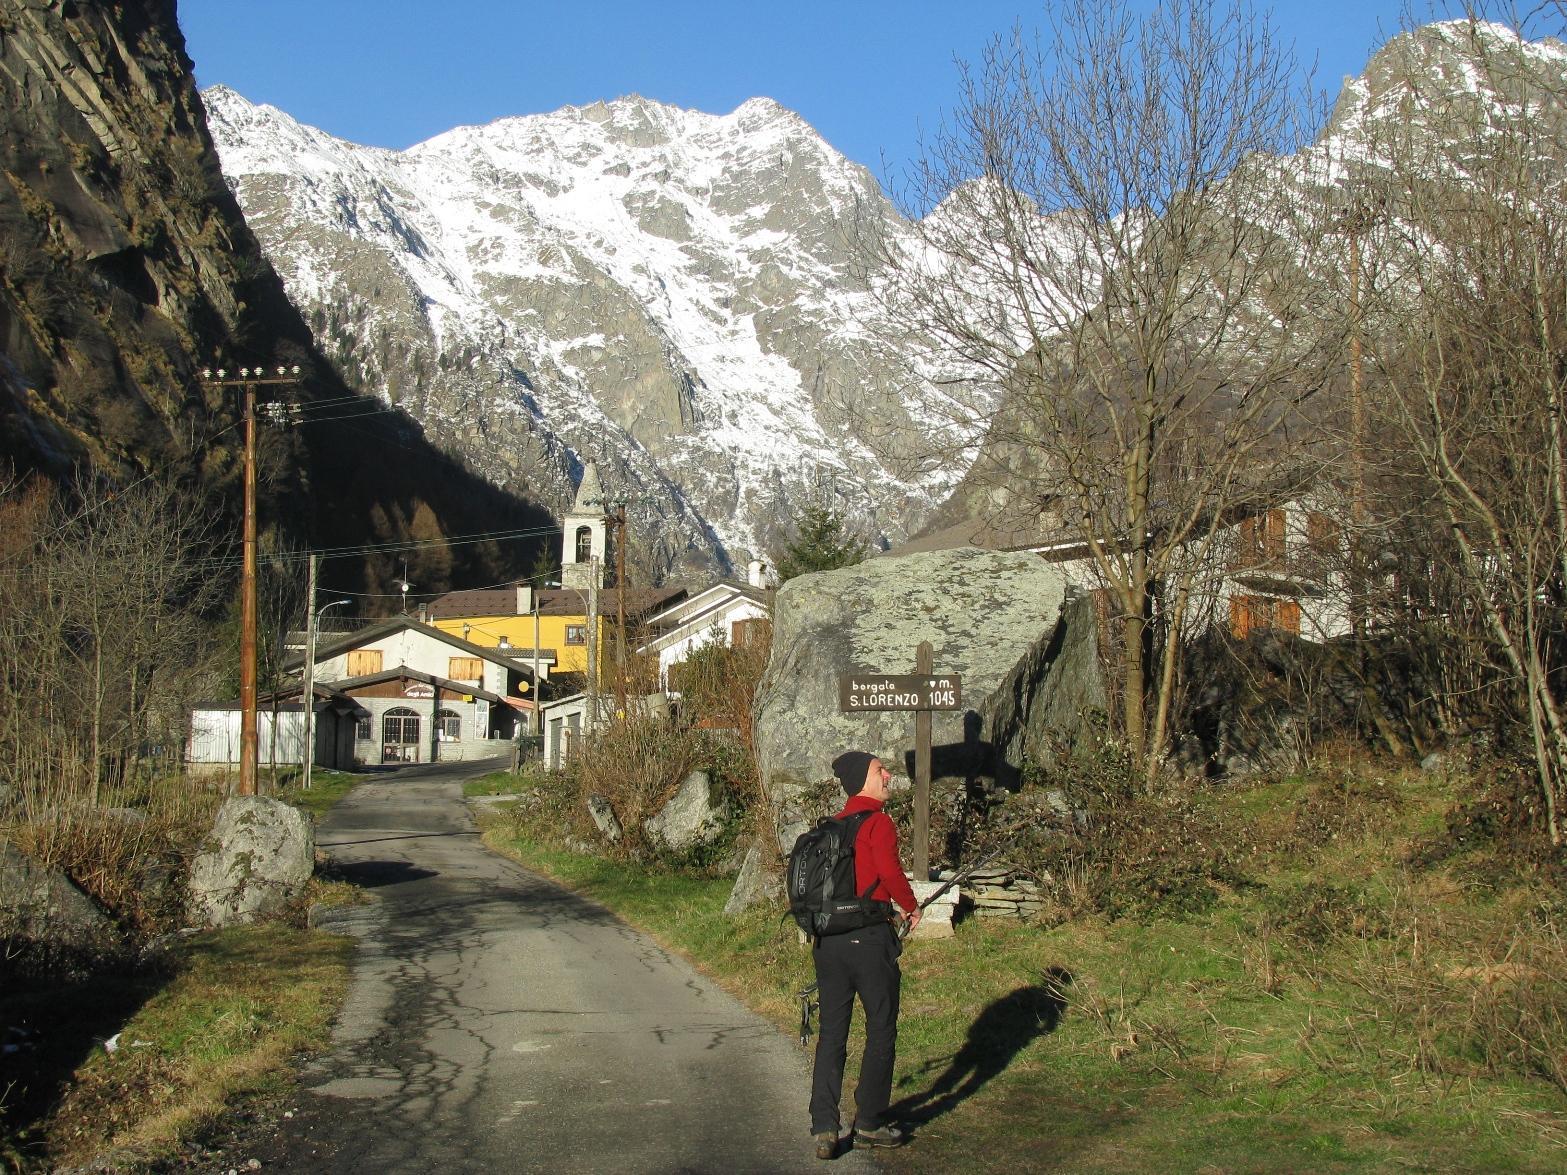 Arrivo a S.Lorenzo; Franco guarda i salti rocciosi dell'Alpe Sigliera